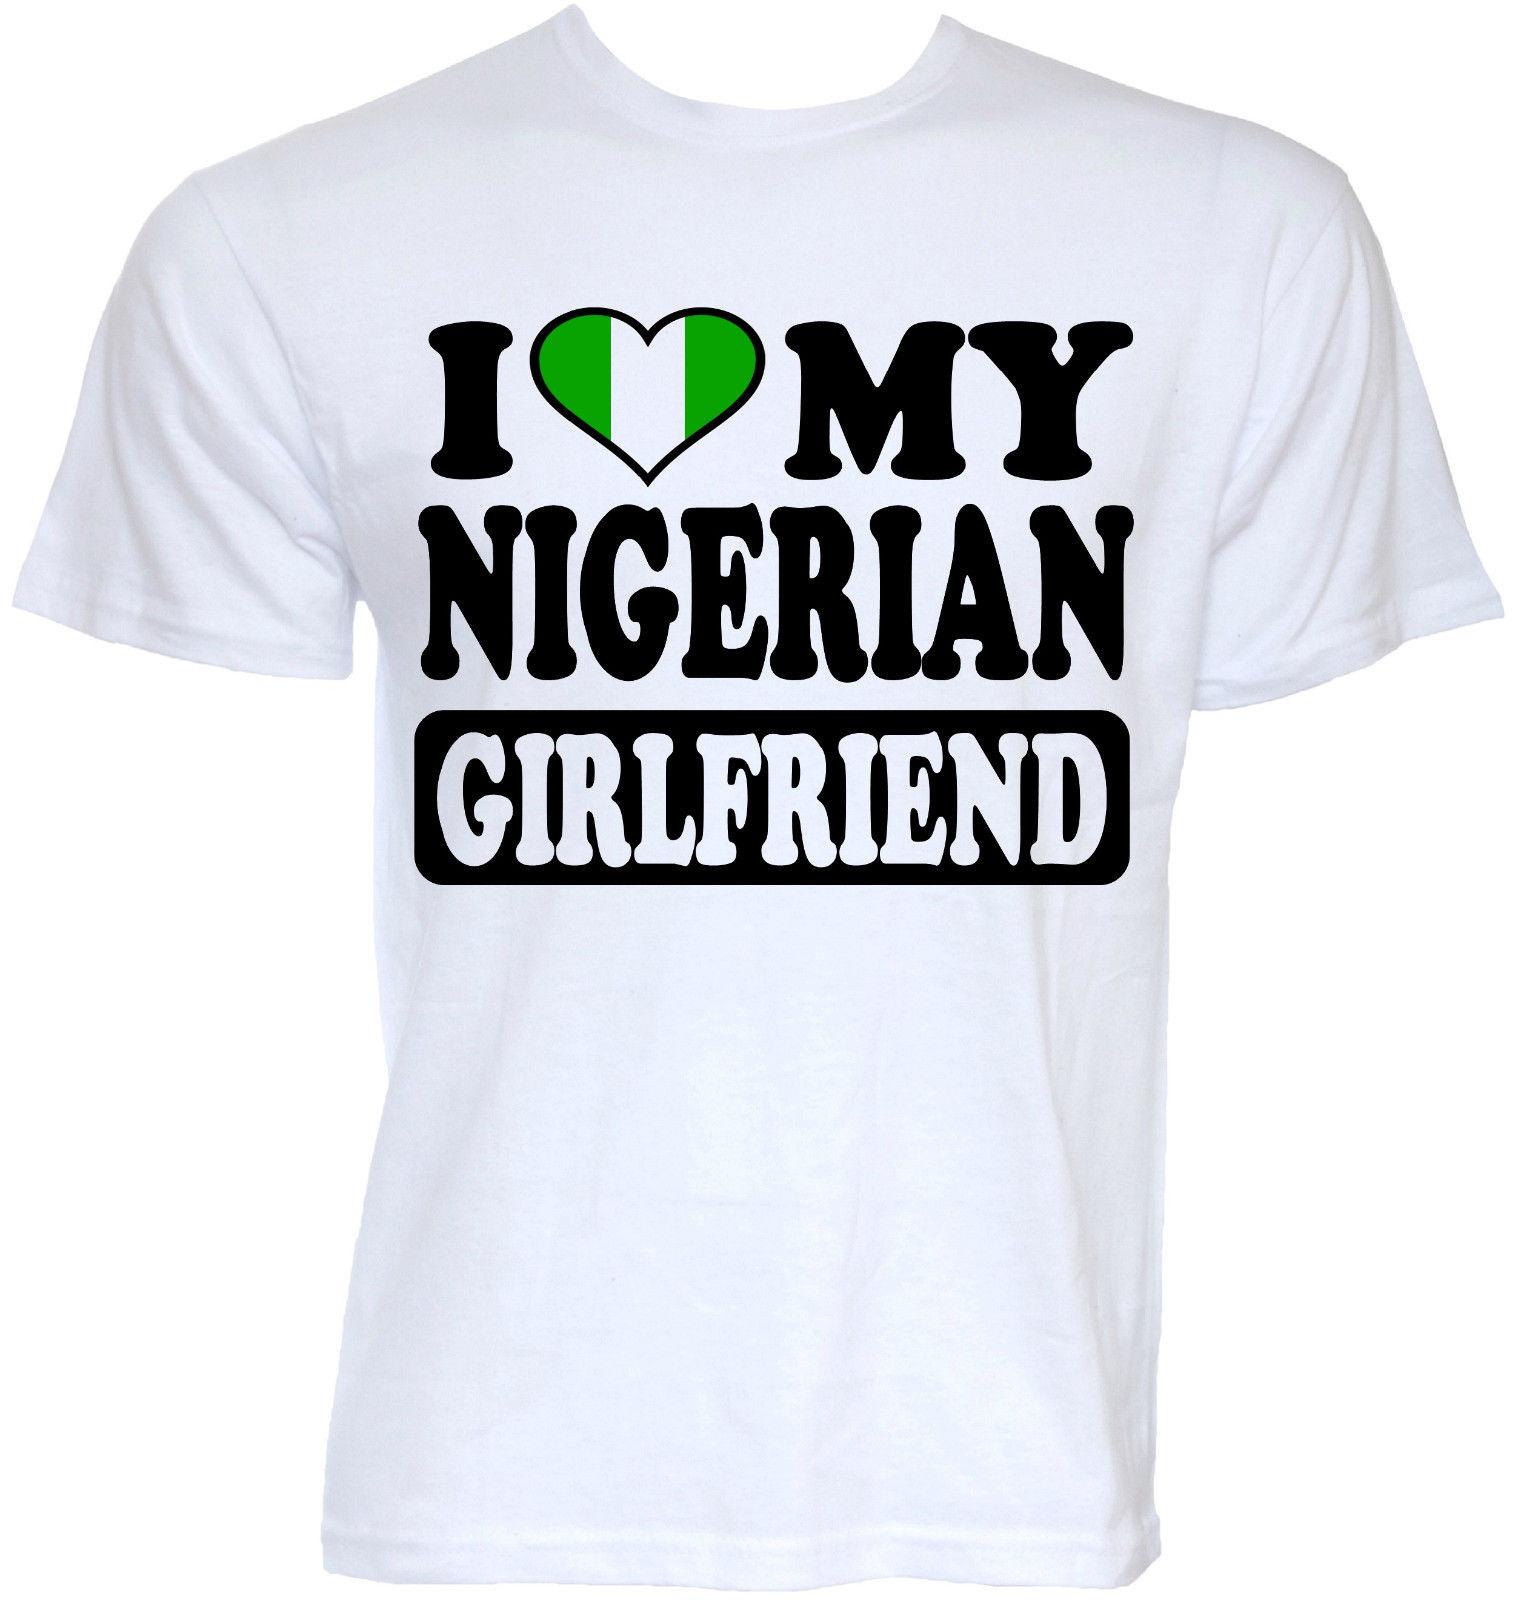 MENS DIVERTENTE NOVITÀ FRESCO NIGERIANO FIDANZATA NIGERIA BANDIERA T-SHIRT JOKE FUN REGALI Estate Nuovi Uomini Cotone T Tee Shirt Top